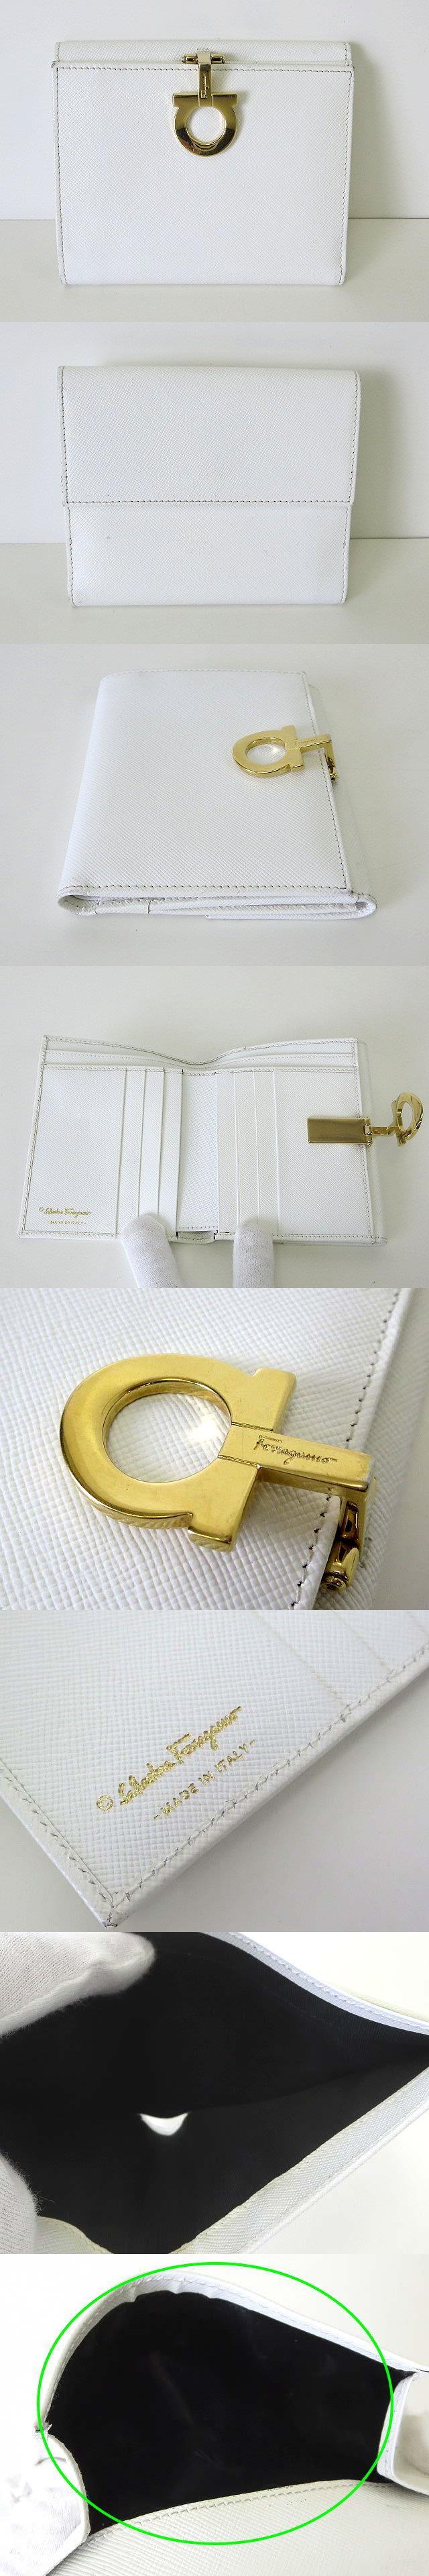 財布 ガンチーニ金具 レザー カーフ 三つ折り 白 ホワイト ゴールド金具 牛革 ウォレット